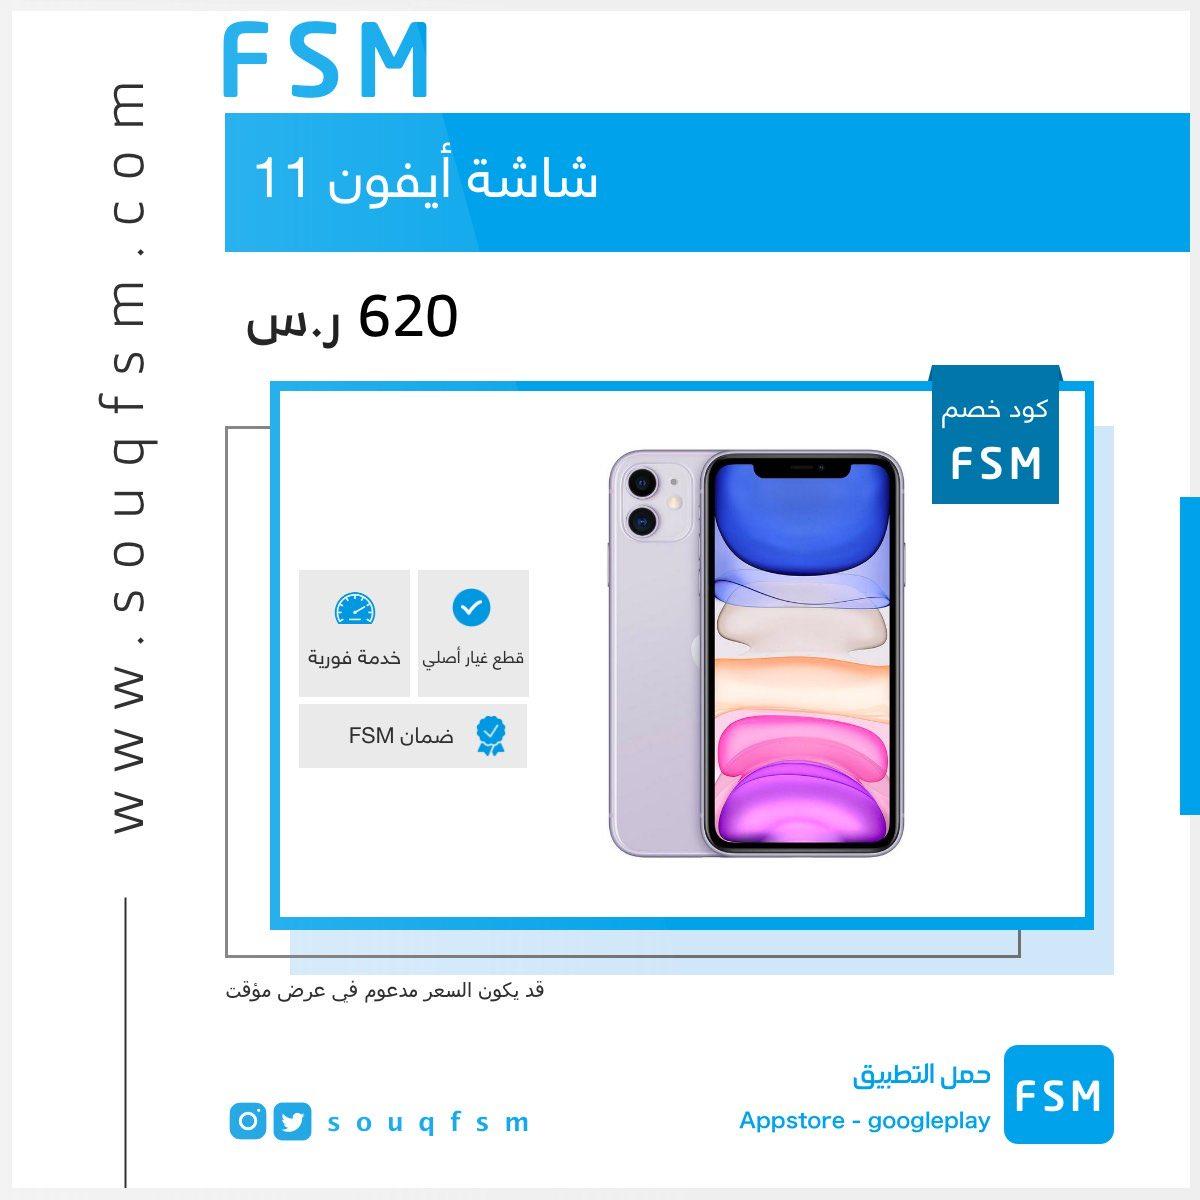 620 ر.س استبدال شاشة جوالك أيفون 11 📱 استخدم FSM50 كود خصم اضافي.  اطلب خبير صيانة وحدد مكان الالتقاء📍 العمل ، البيت ، الاستراحة ، أو أي مكان في #الرياض